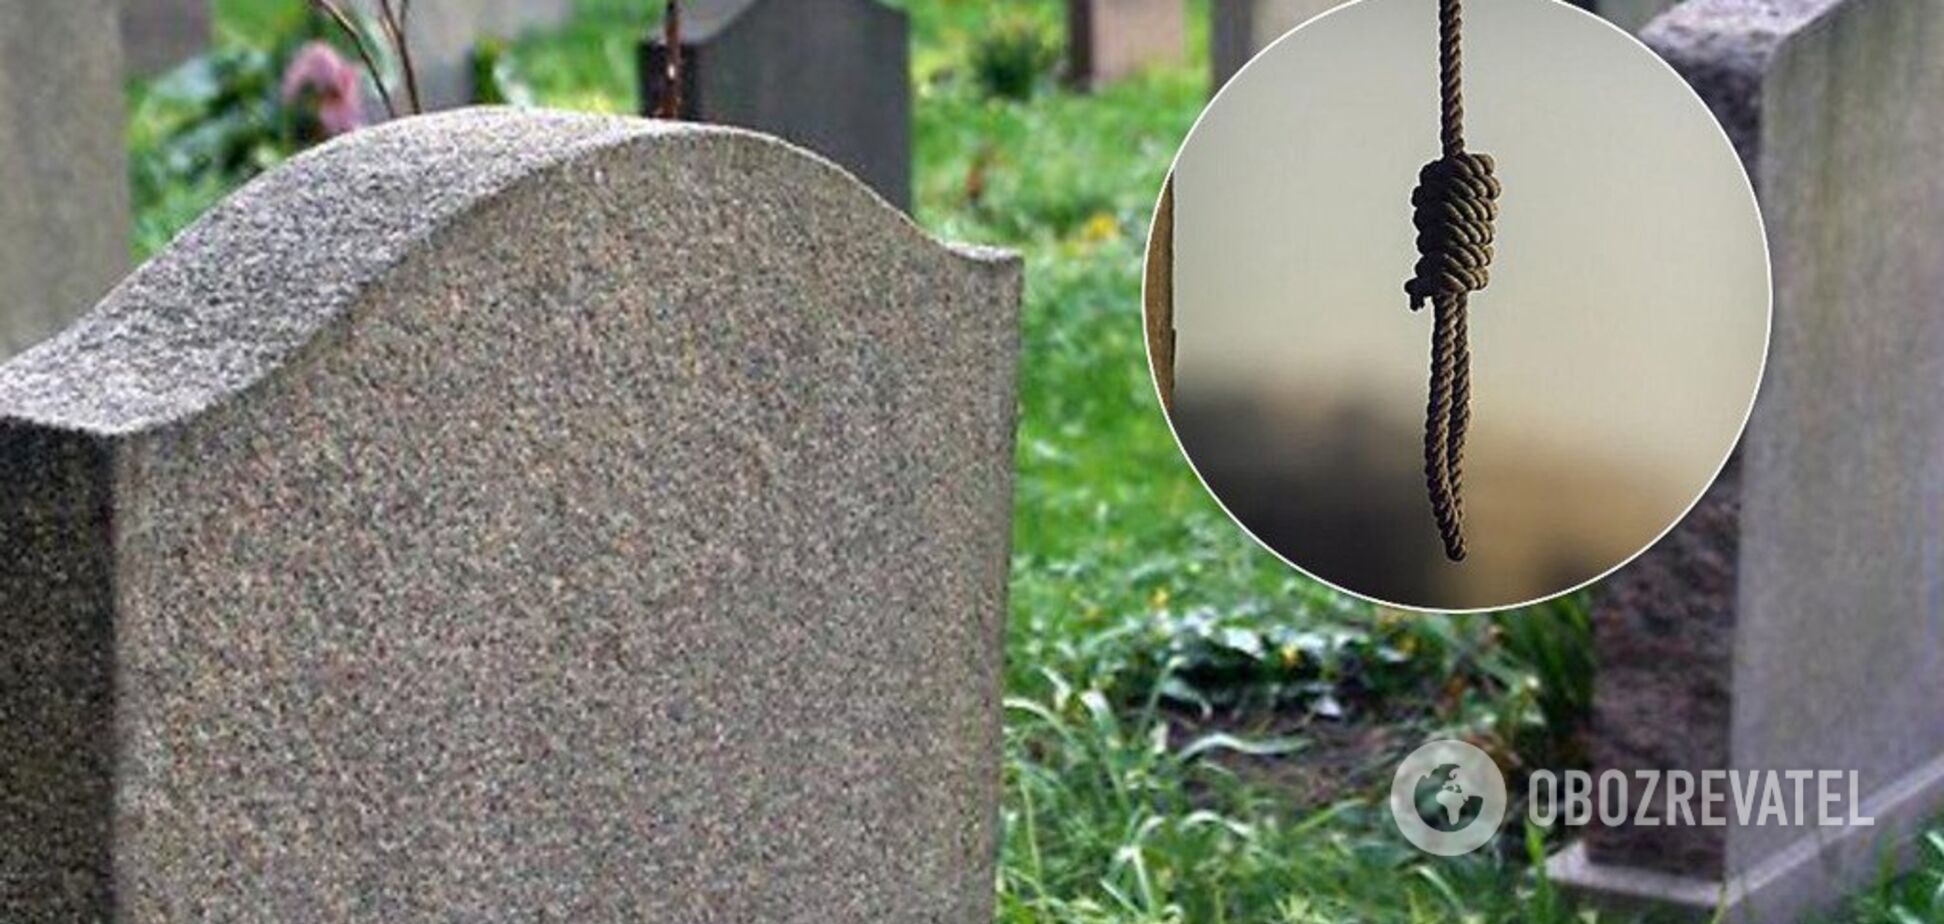 УКиєві на кладовищі трапилася моторошна НП